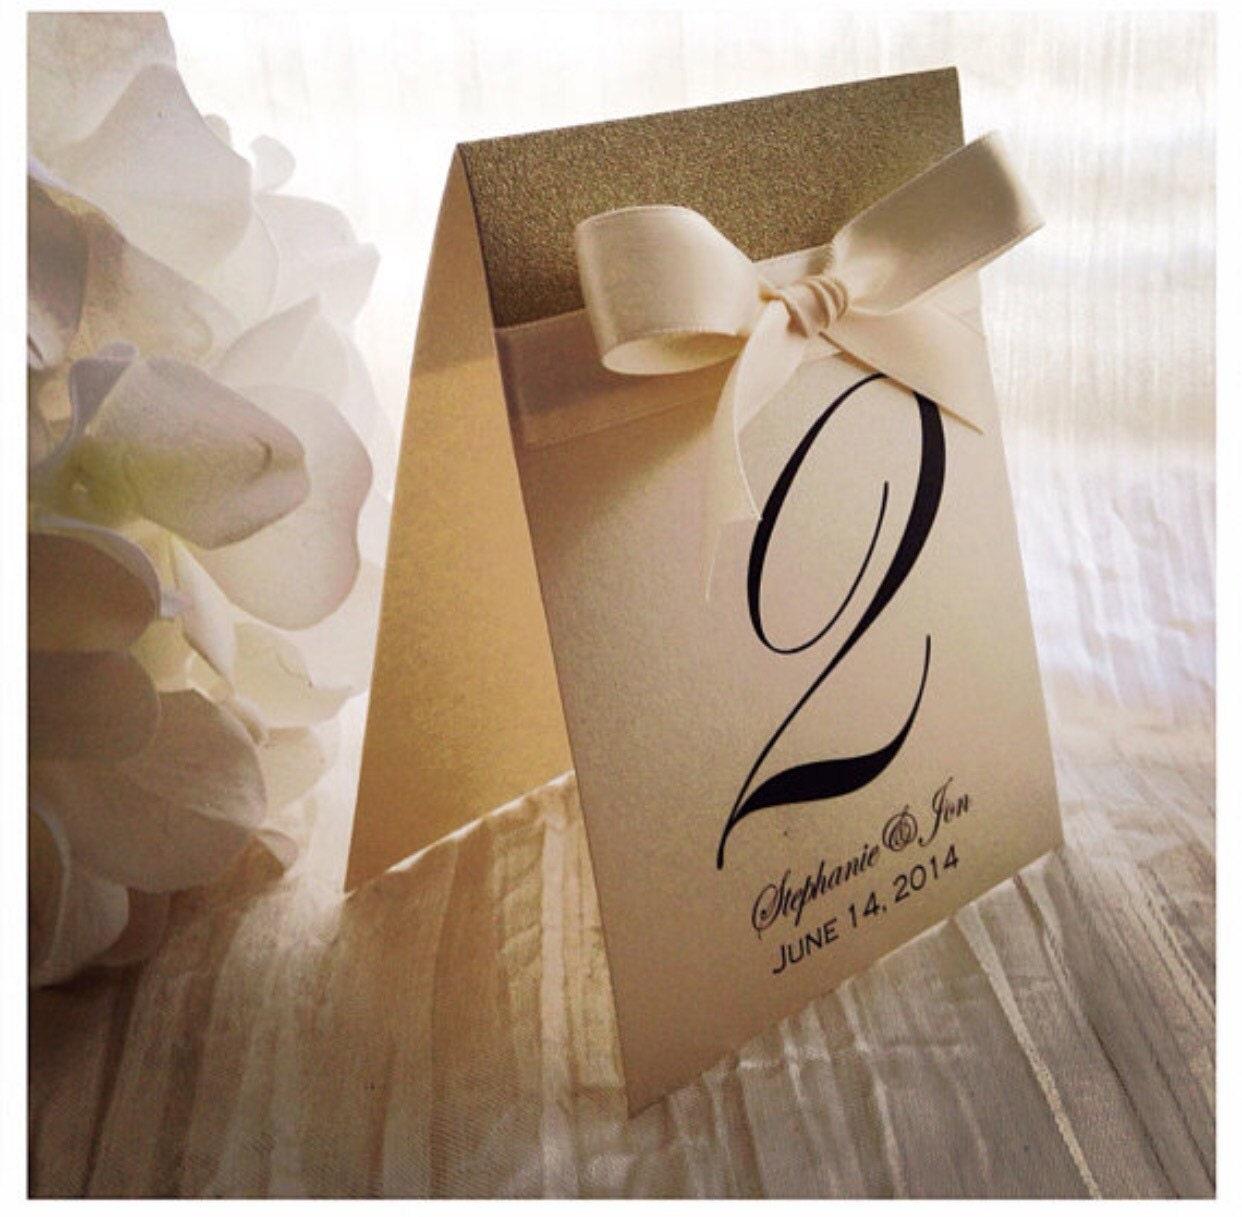 table de mariage champagne chiffres num ros de table ivoire. Black Bedroom Furniture Sets. Home Design Ideas